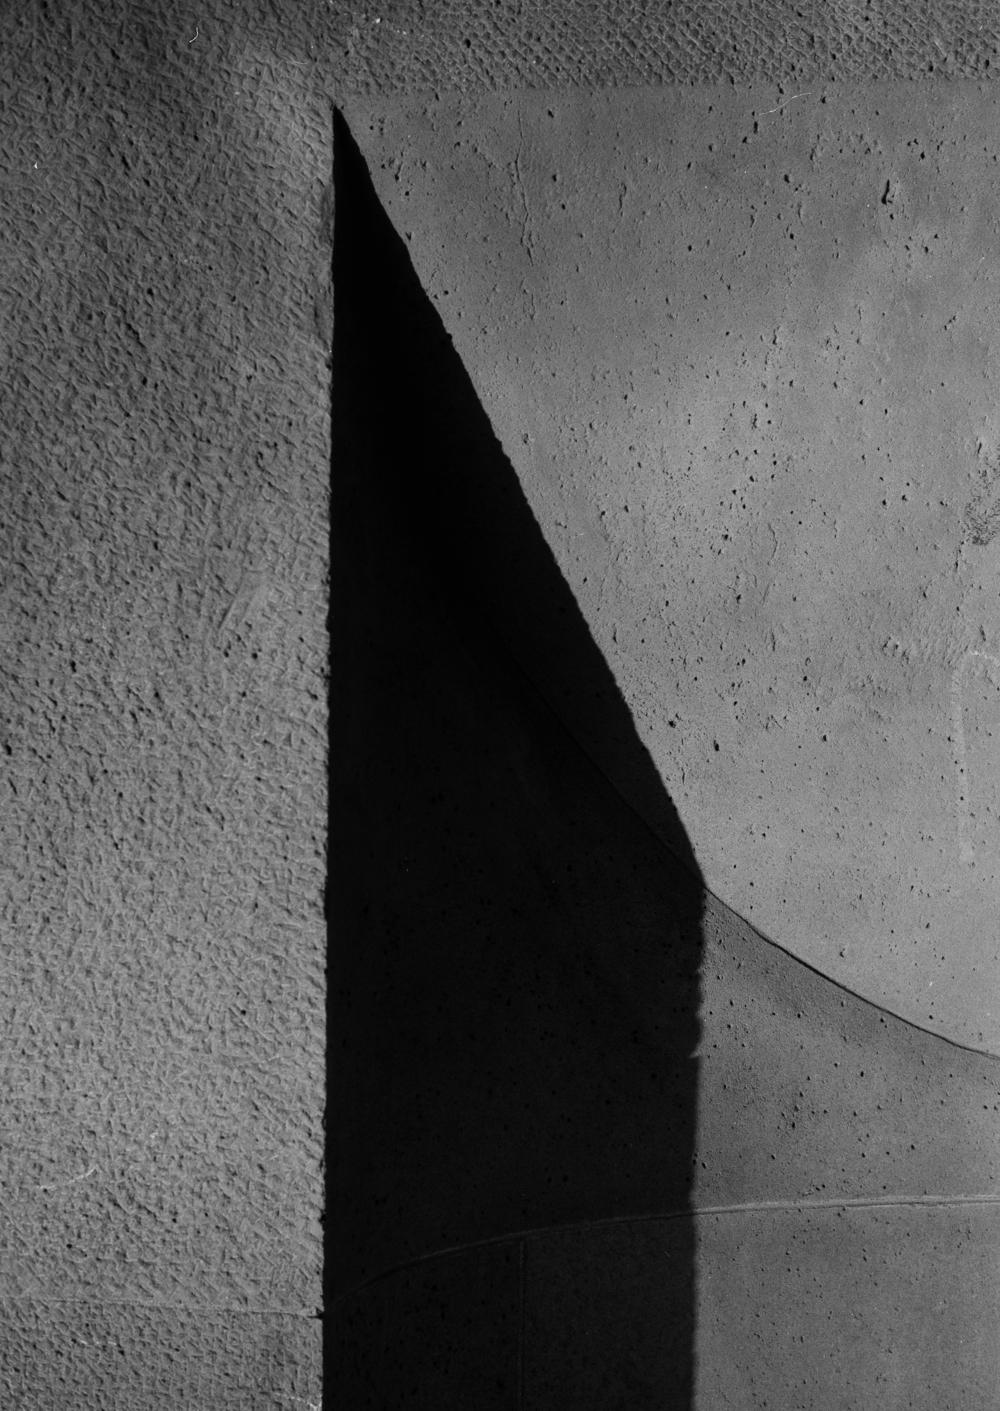 shadowstudy_017.jpg